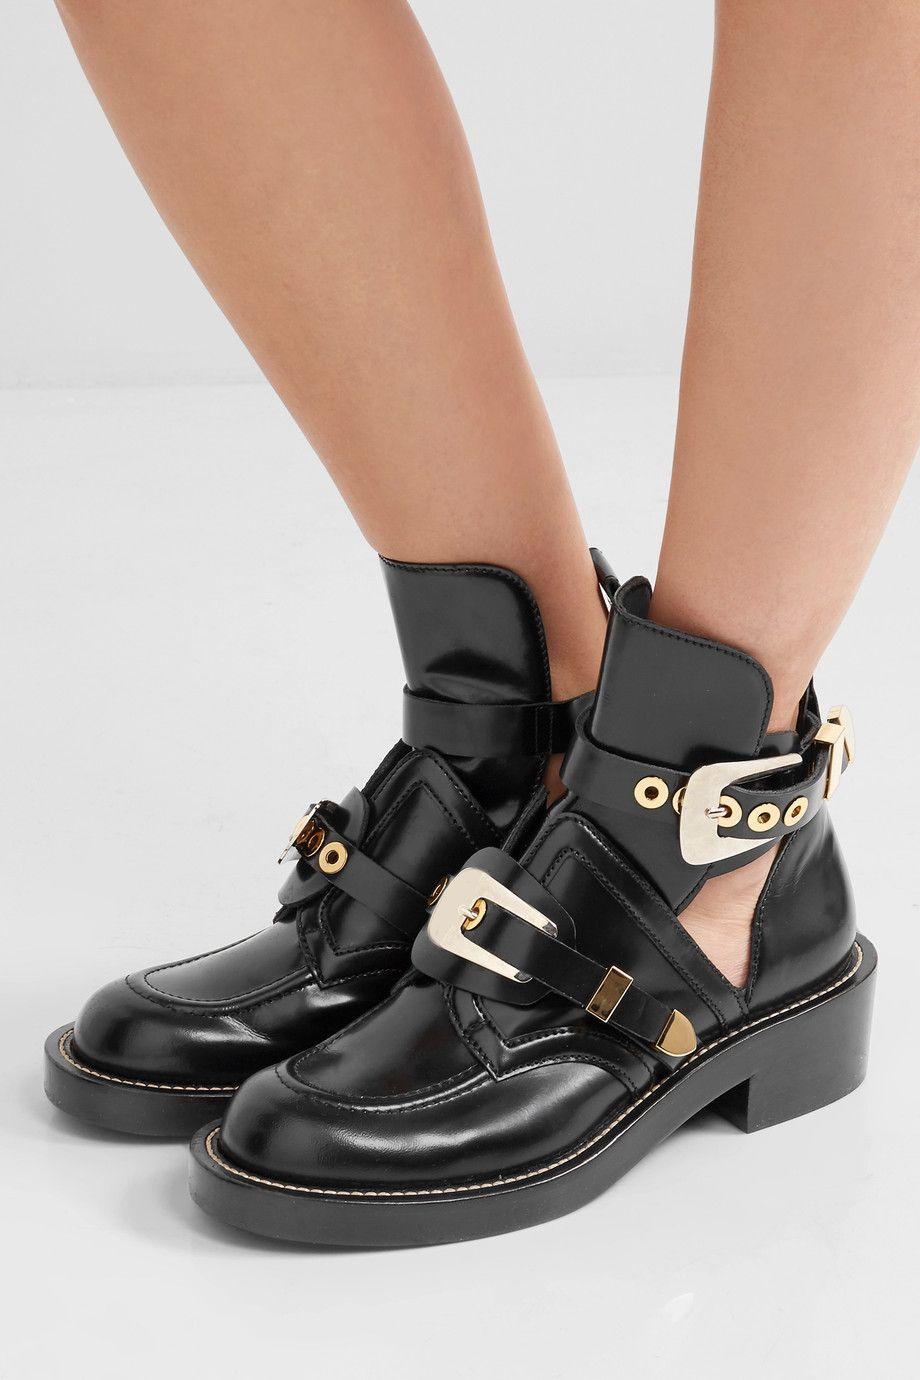 Kao Balenciagin model: Čizme iz Zare za puno manje novaca